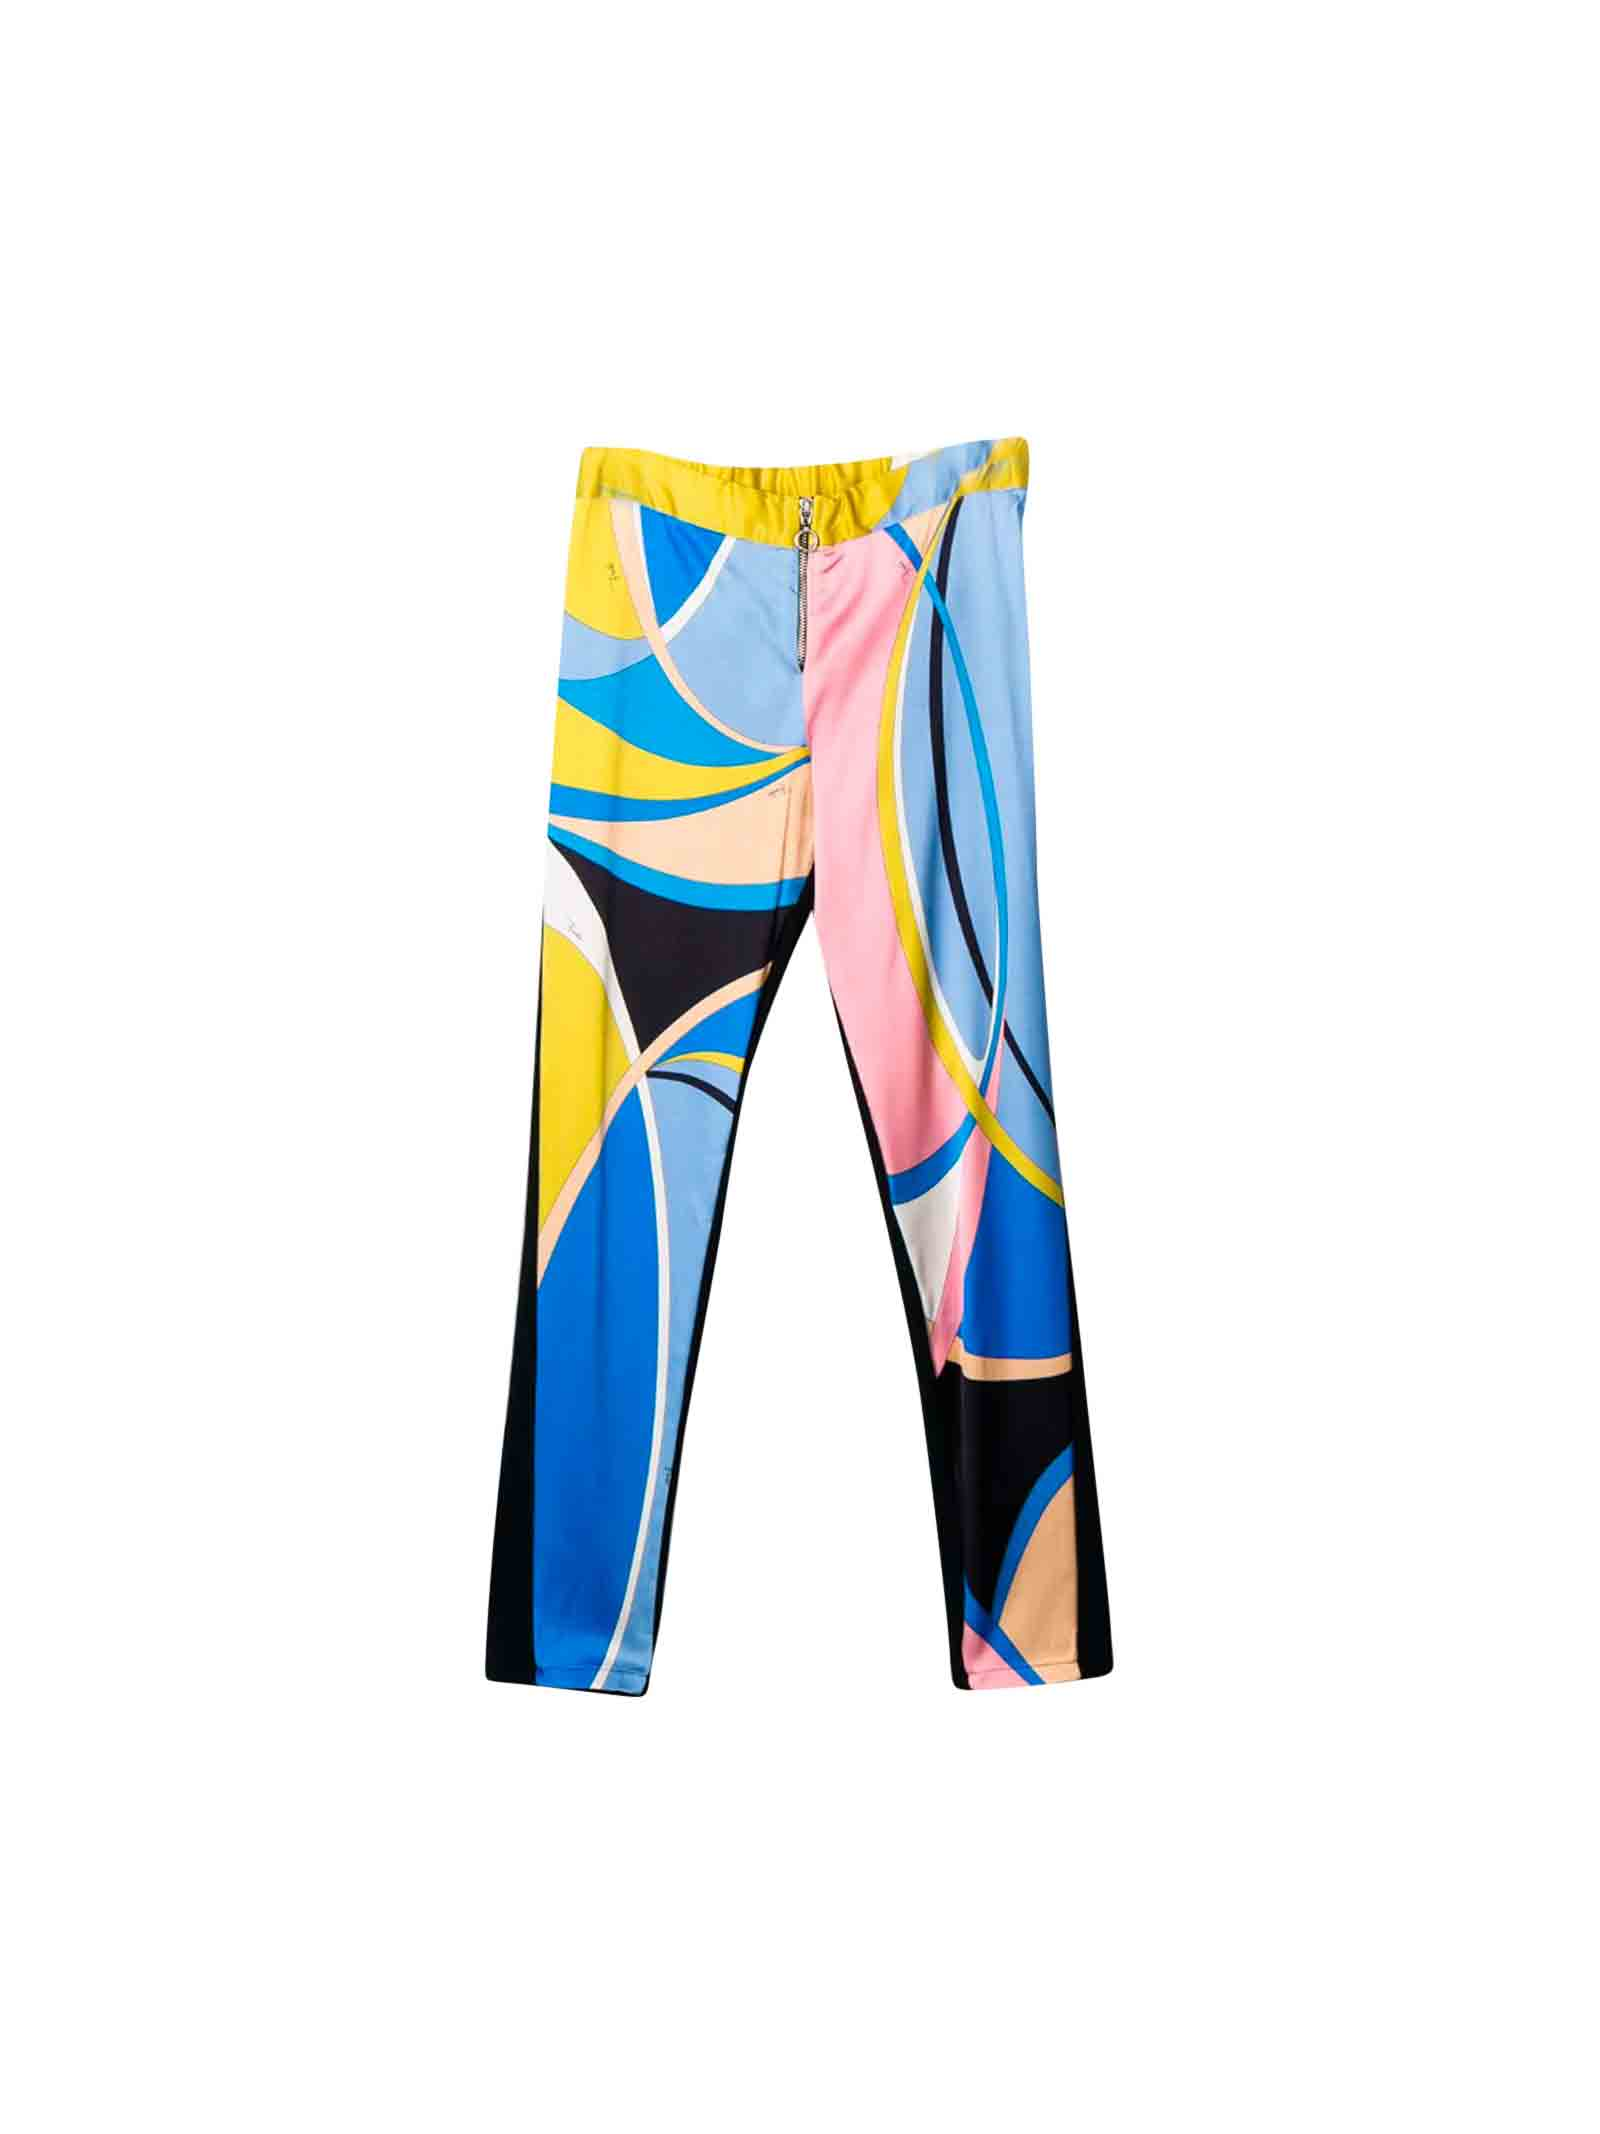 Emilio Pucci junior multicolored leggings  EMILIO PUCCI JUNIOR | 9 | 9L6220LB980620RS